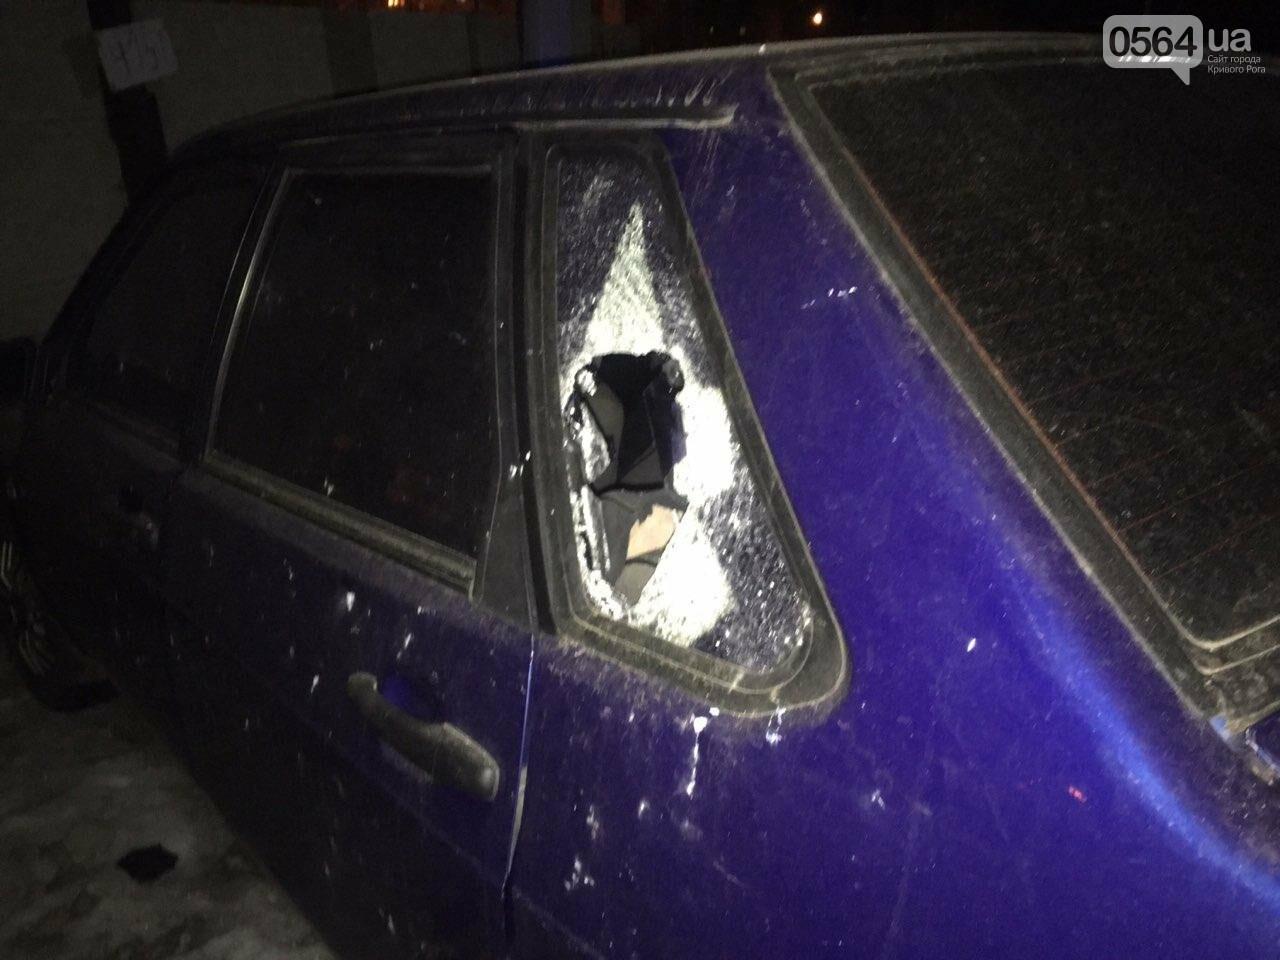 """В Кривом Роге """"BMW"""" снес забор стоянки: повреждено около 10 машин, есть пострадавший, - ФОТО , фото-32"""